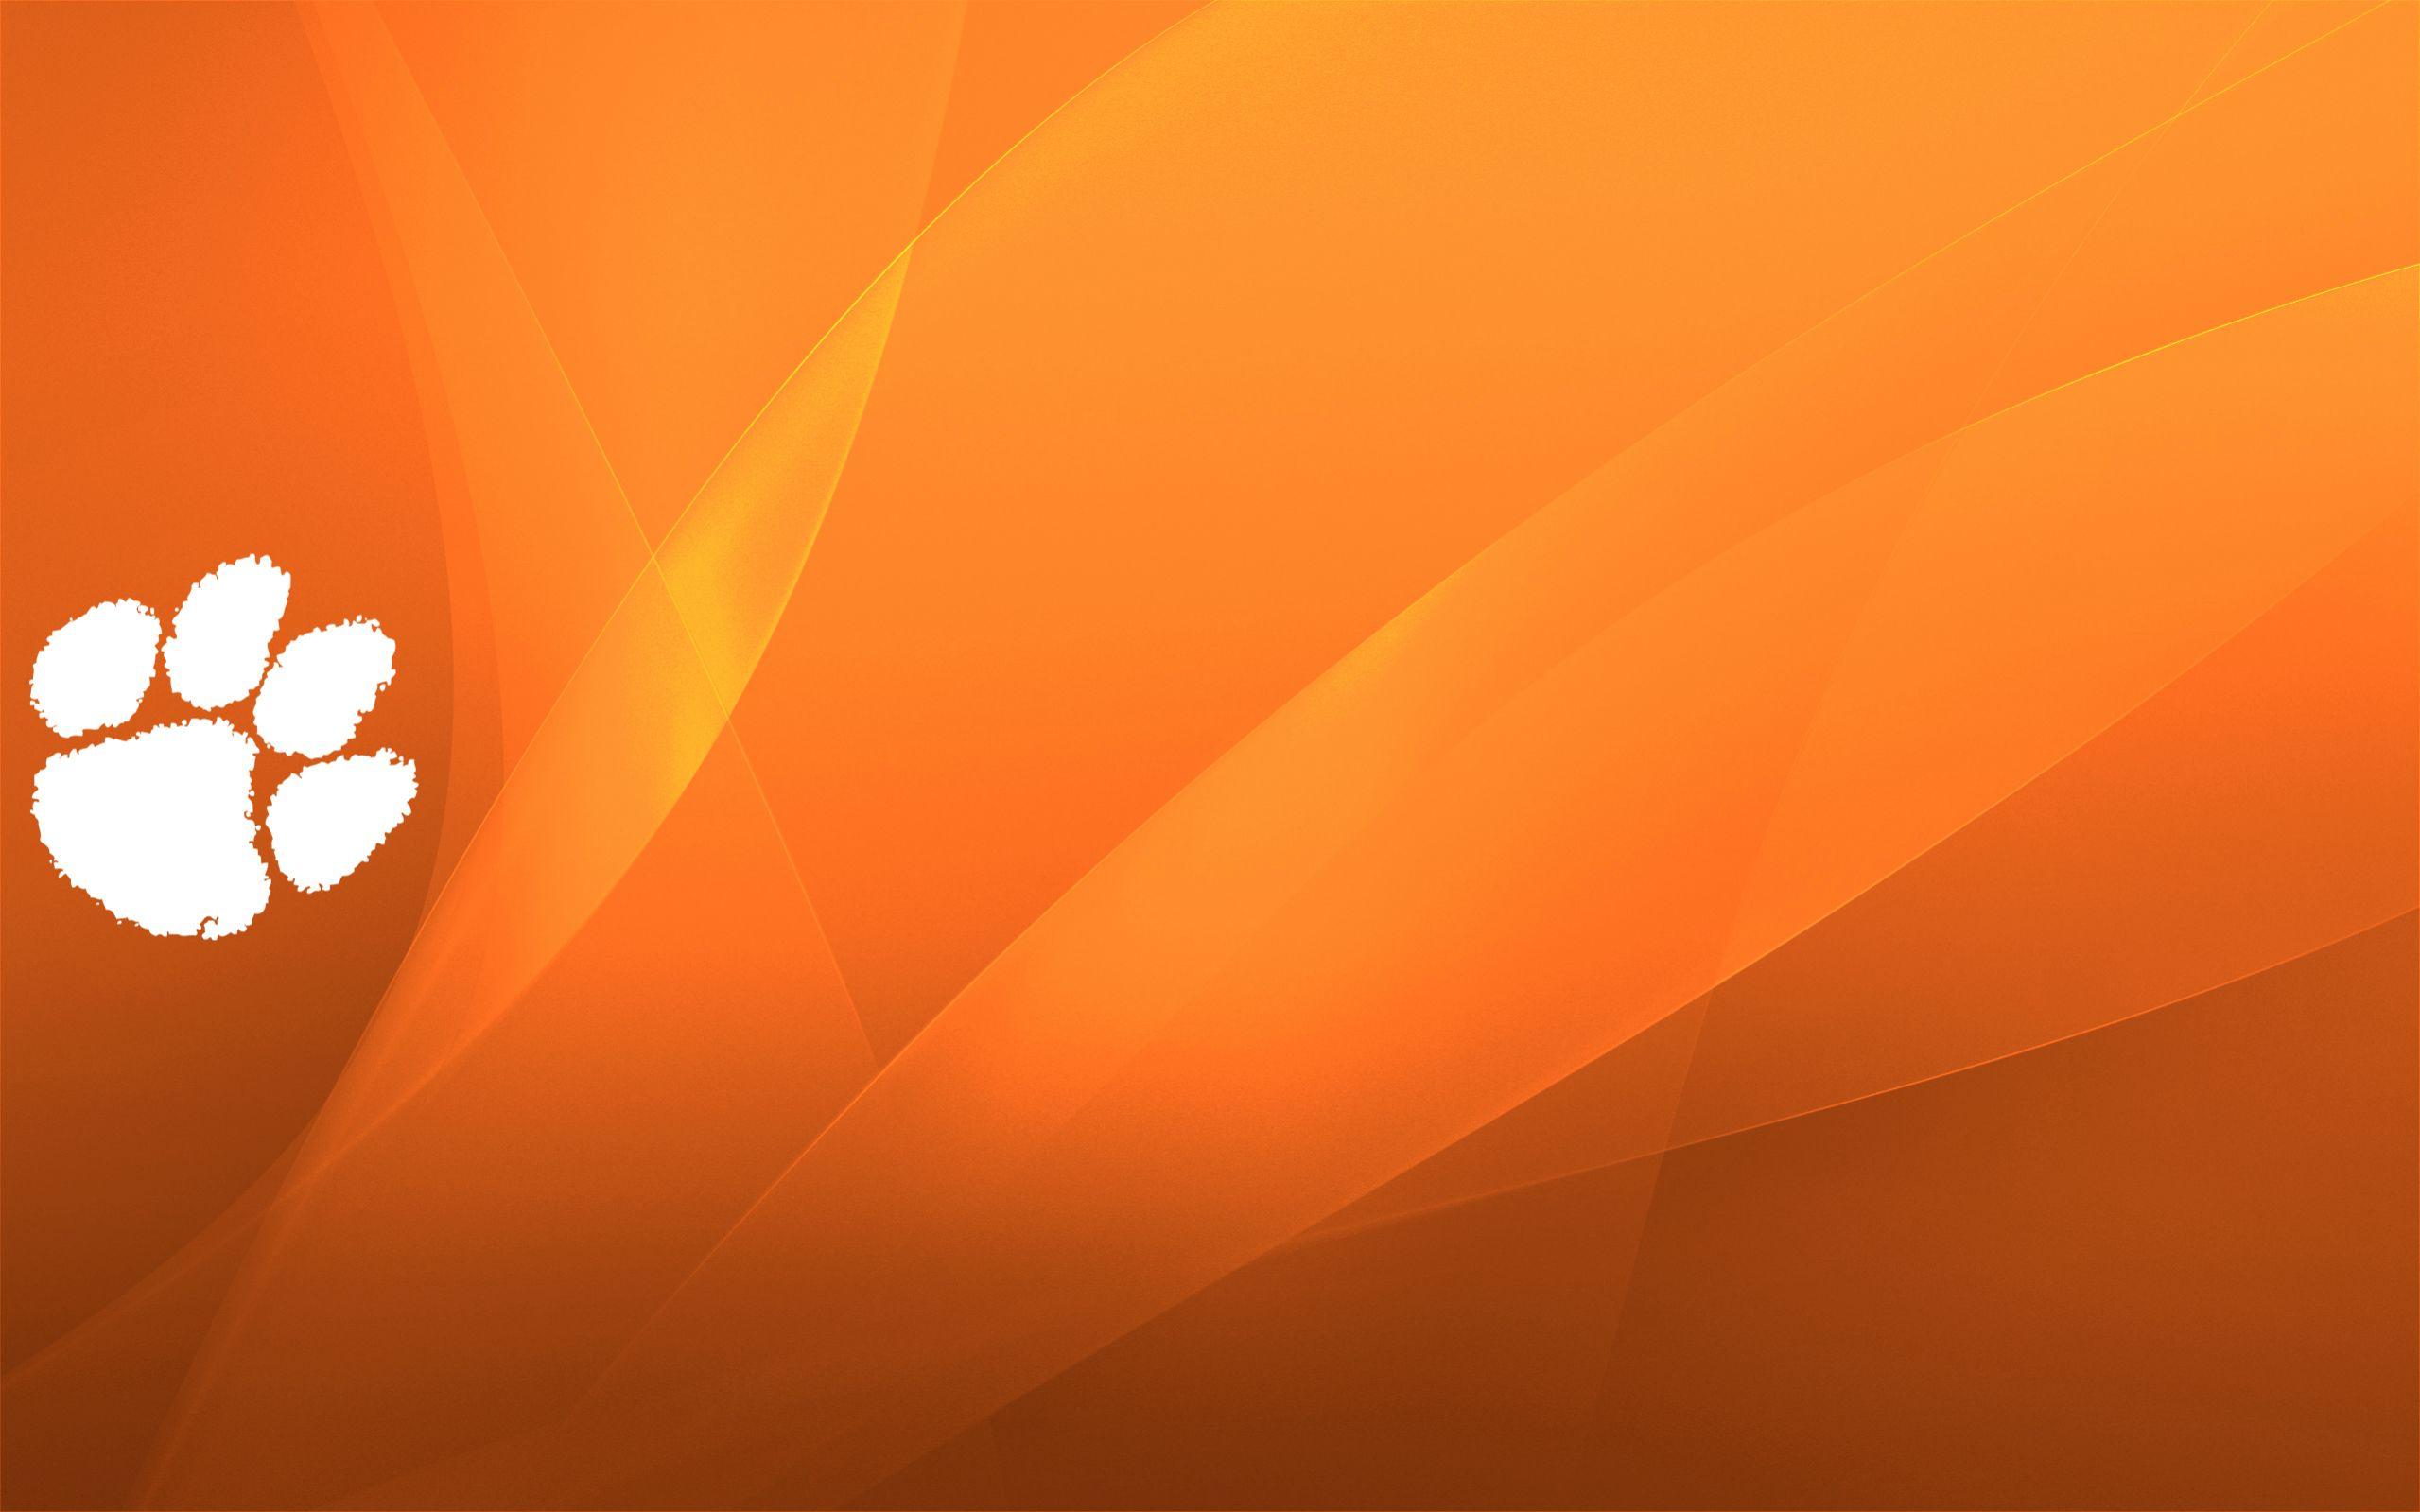 clemson tigers desktop wallpaper www wallpapers in hd com more 2559x1599